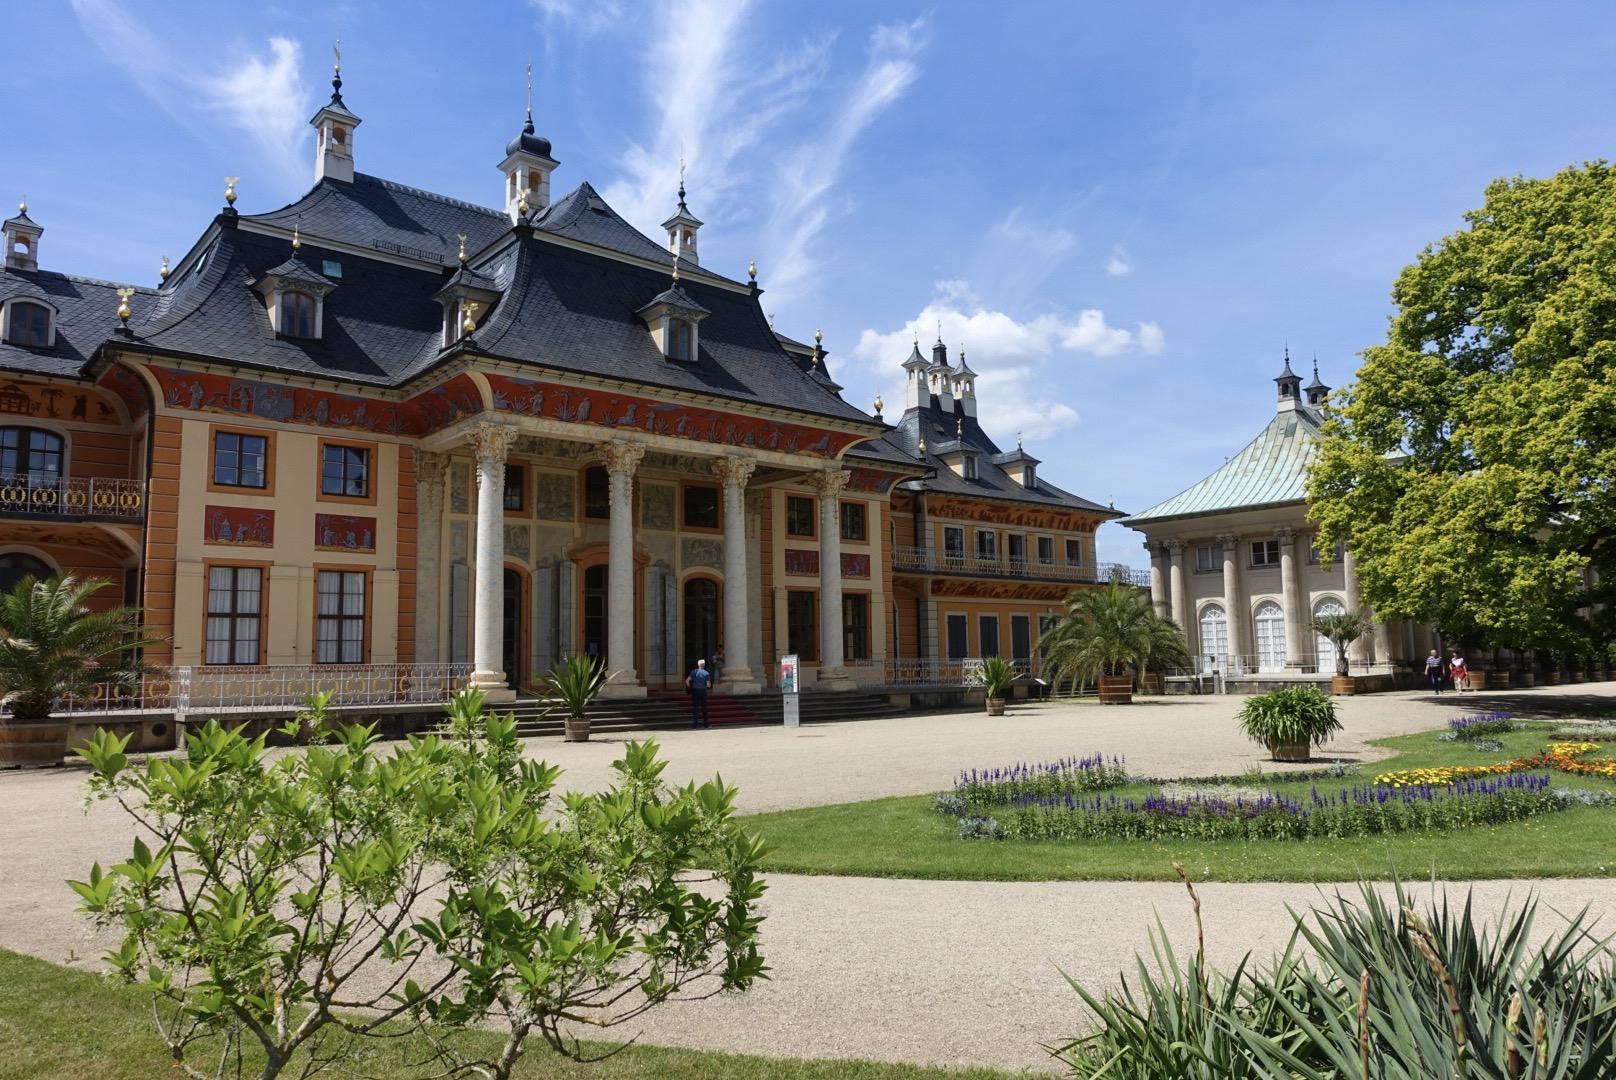 Pillnitz Castle, Germany